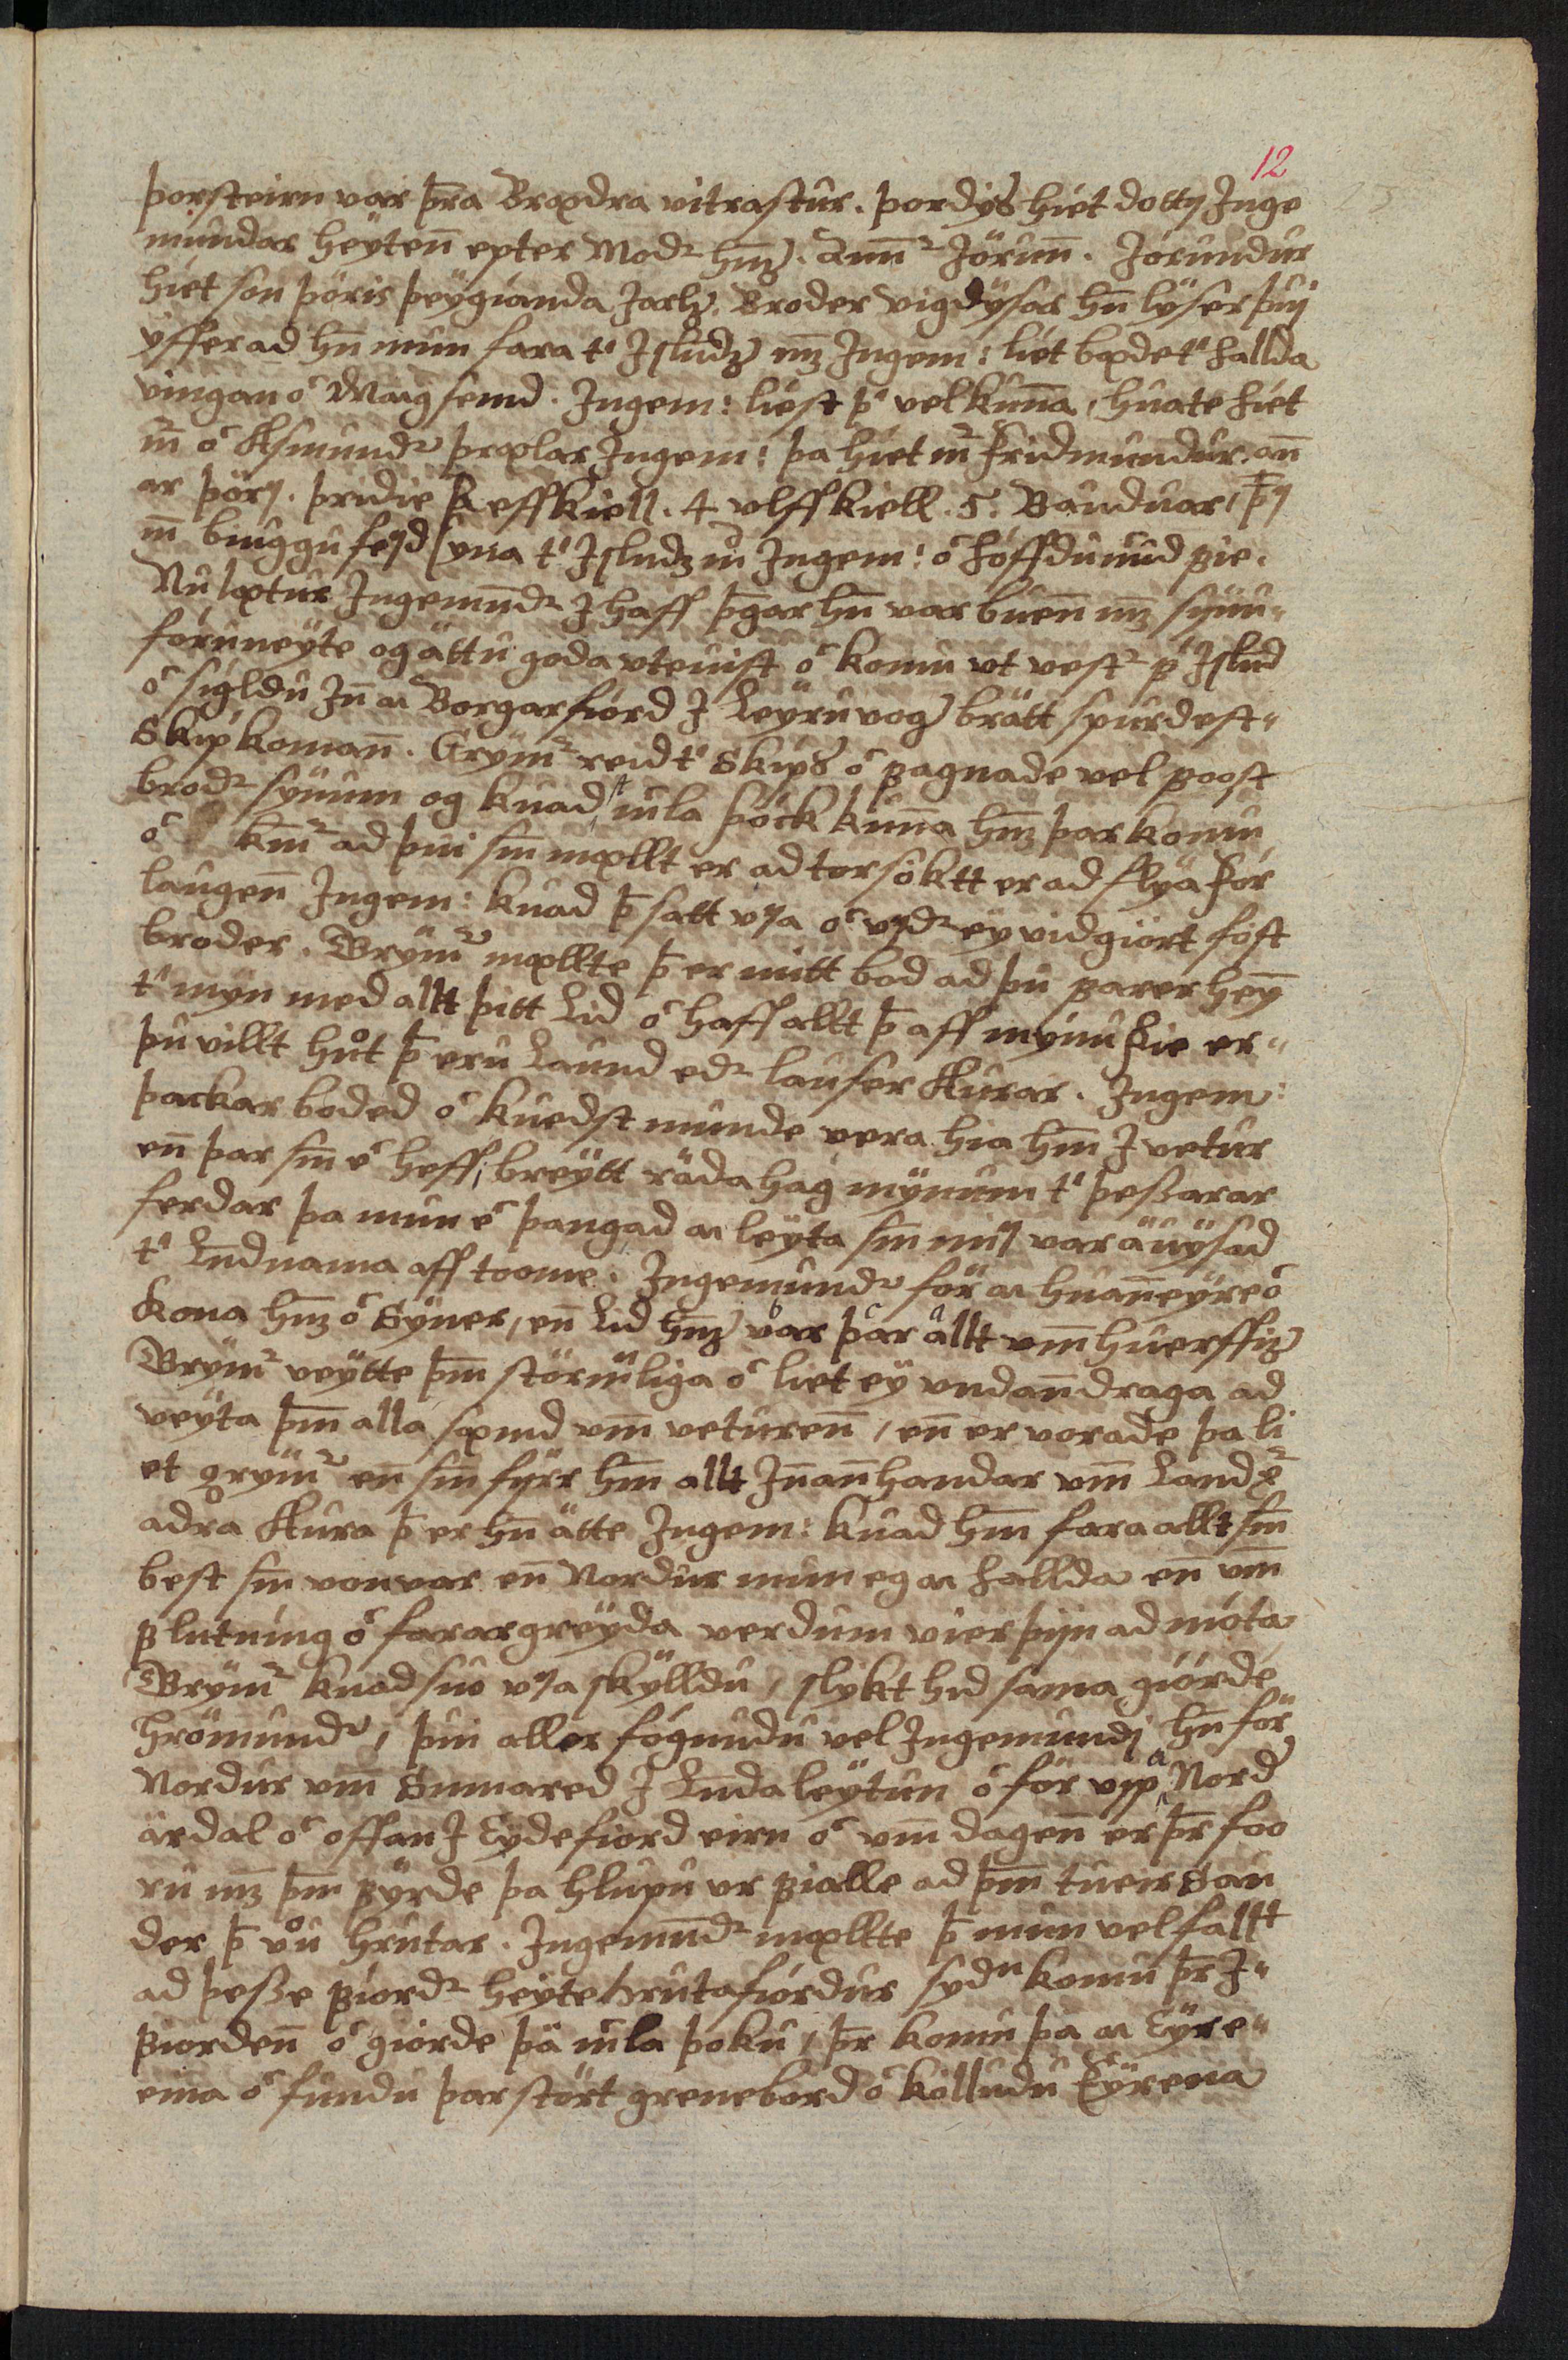 AM 138 fol - 12r